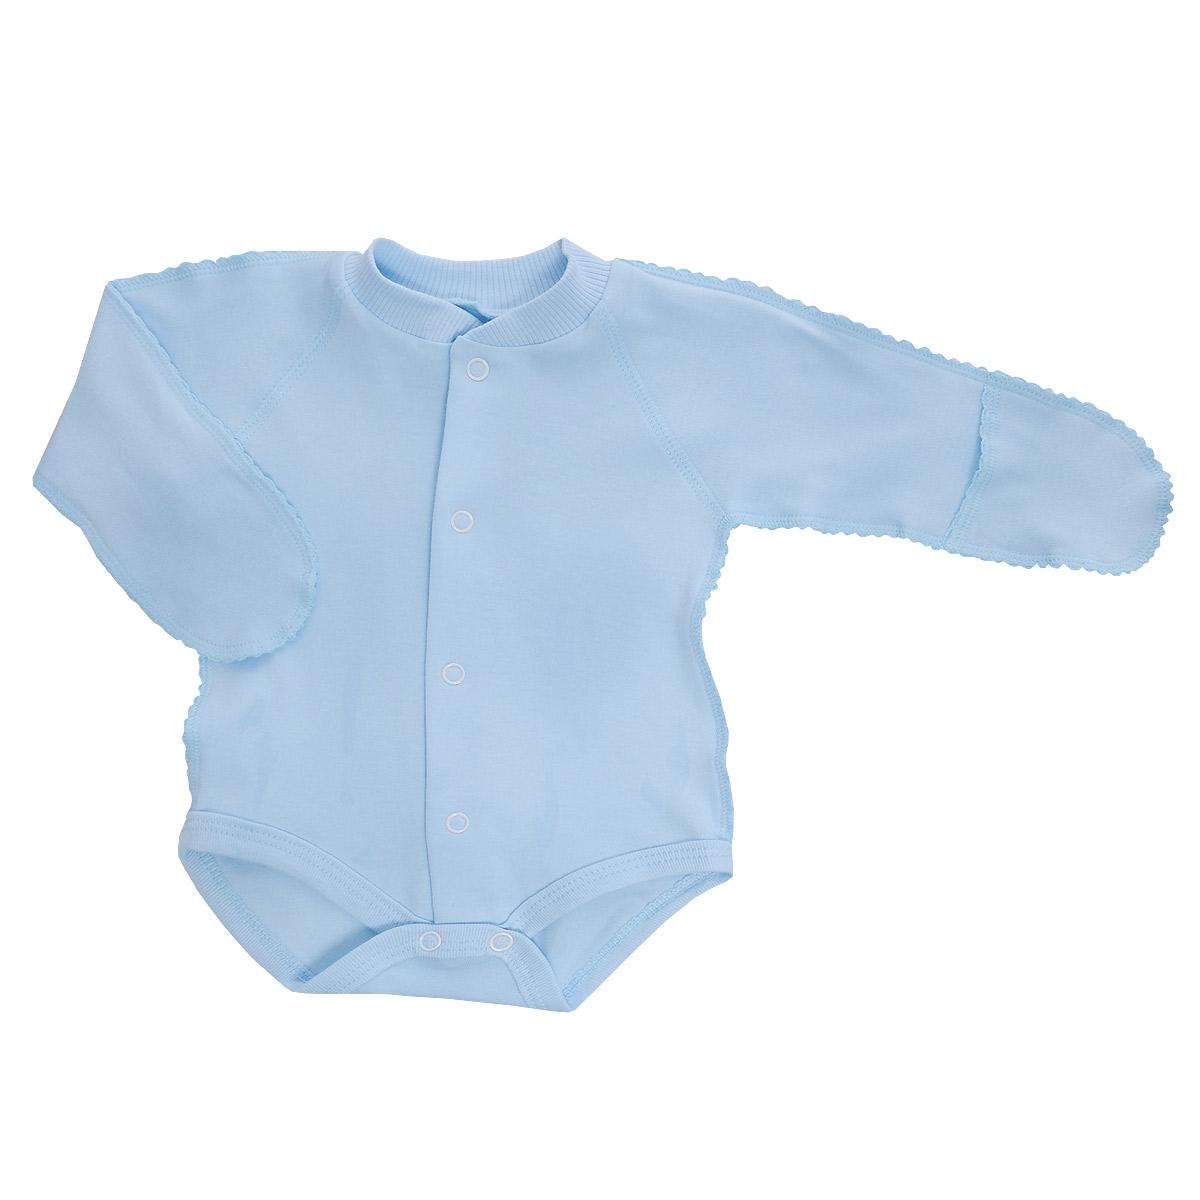 Боди детское Фреш стайл, цвет: голубой. 37-329. Размер 62-20, 3 месяца боди детское hudson baby hudson baby боди цыплёнок 3 шт бирюзово розовый